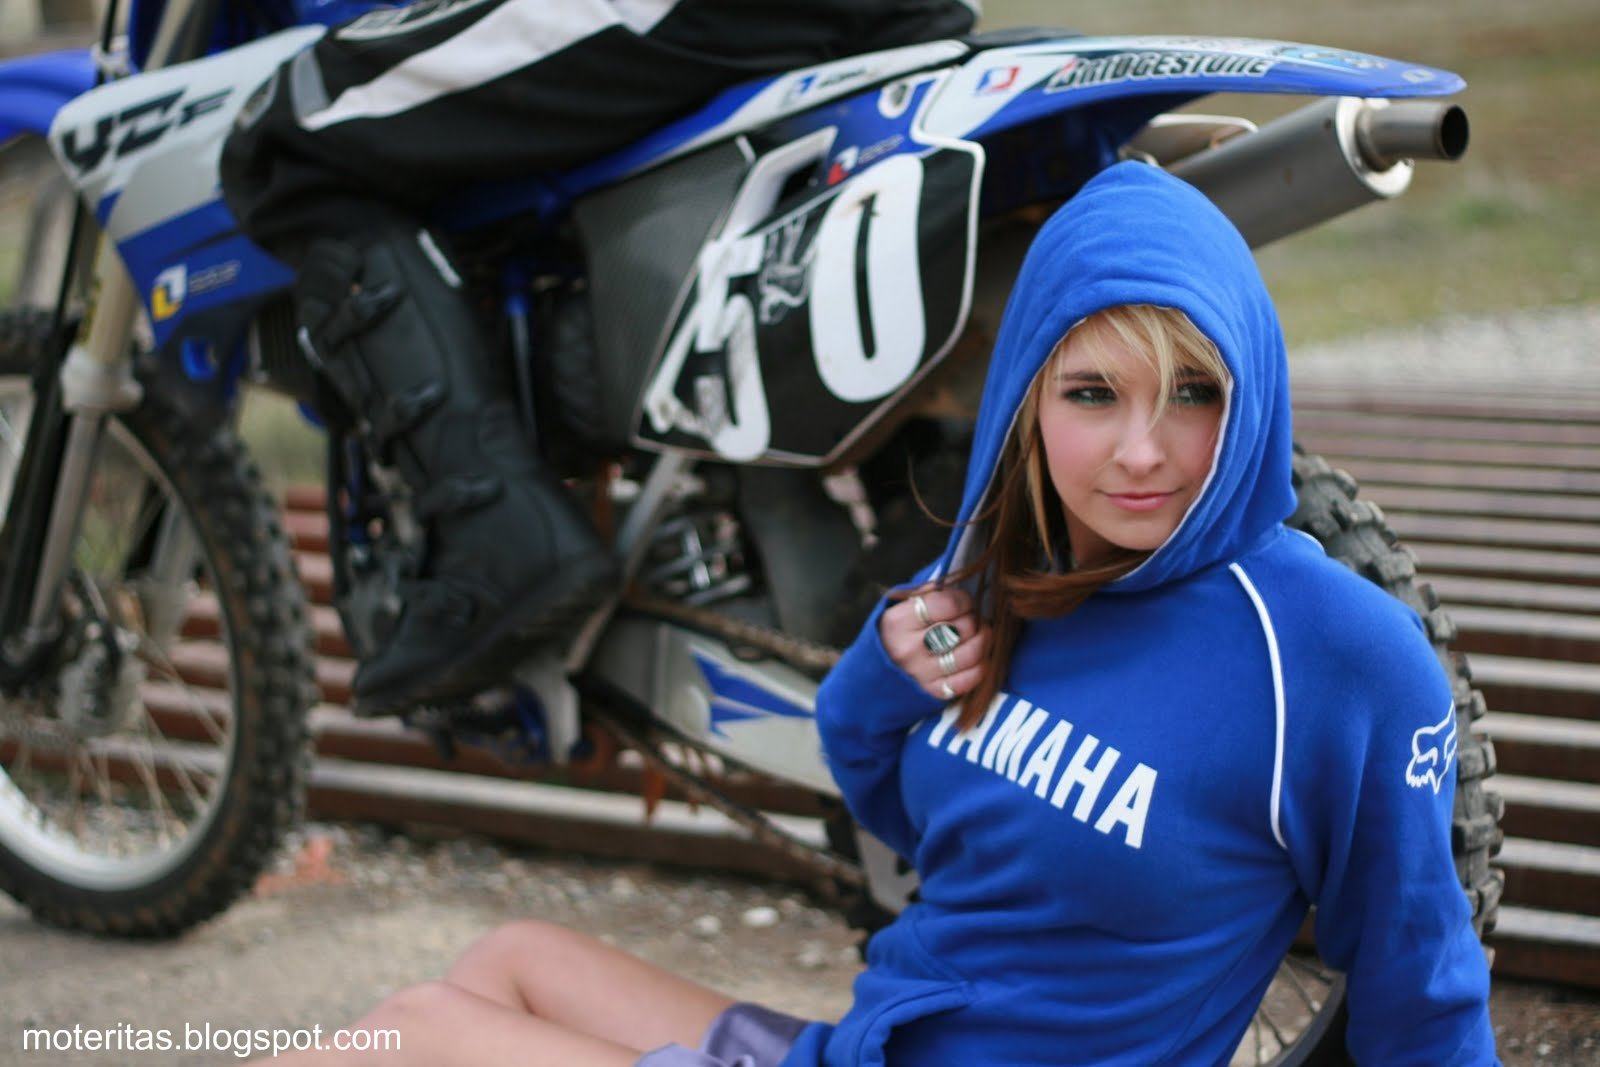 Imagenes De Chicas En Motos Desnudas